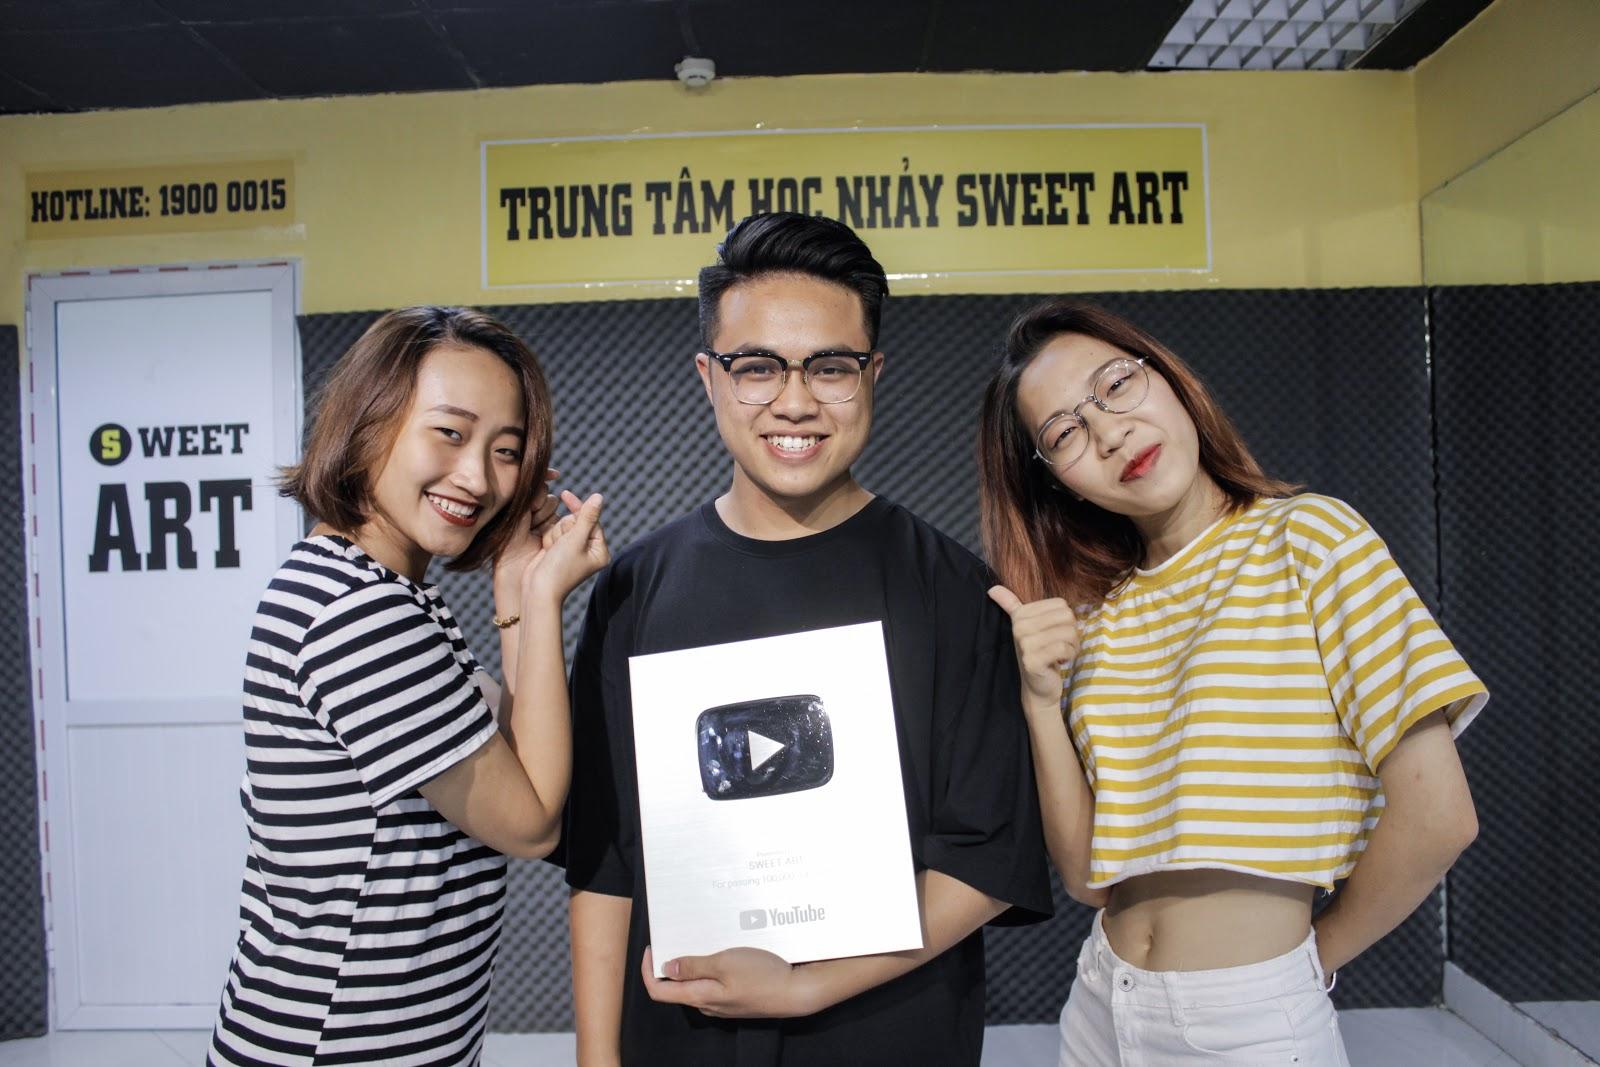 Sweet Art chinh phục nút bạc Youtube – Hành trình của một trung tâm học nhảy vô danh - Ảnh 5.